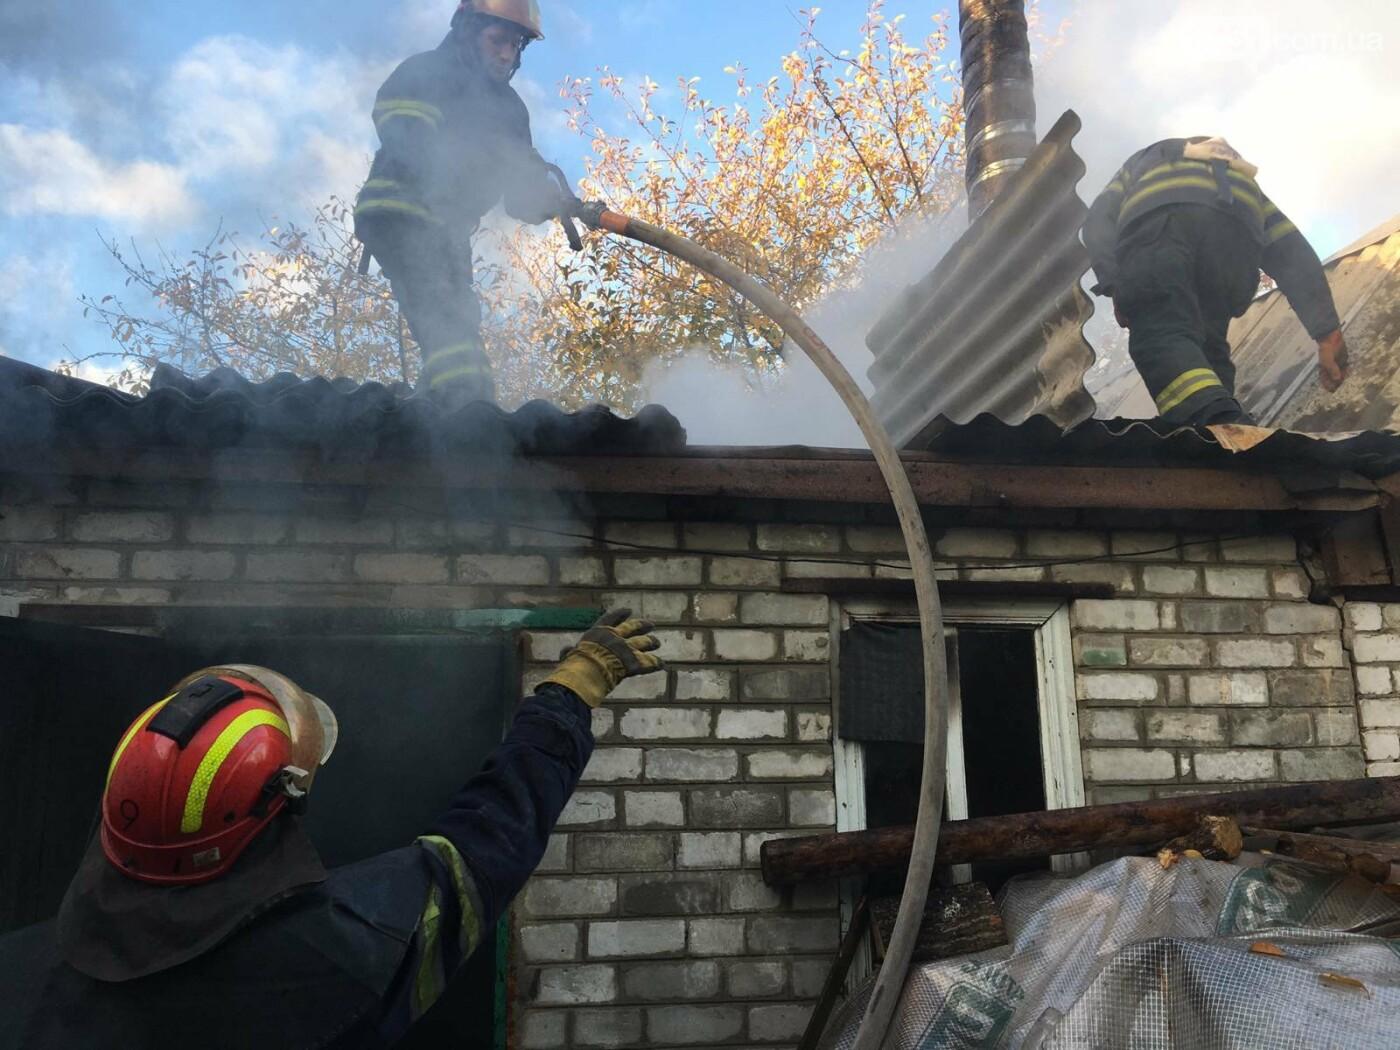 Спасатели ликвидировали пожар на частном дворе в Лисичанске, фото-2